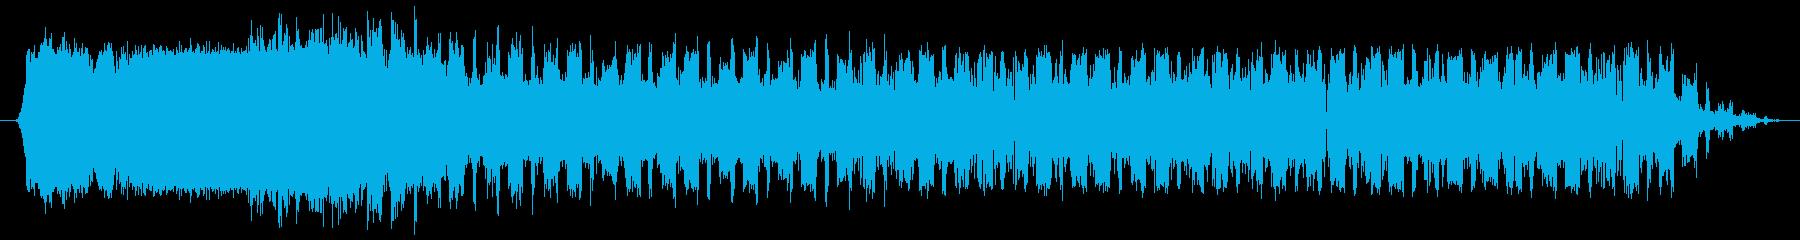 素材 Sci Fiのうねりの進化02の再生済みの波形